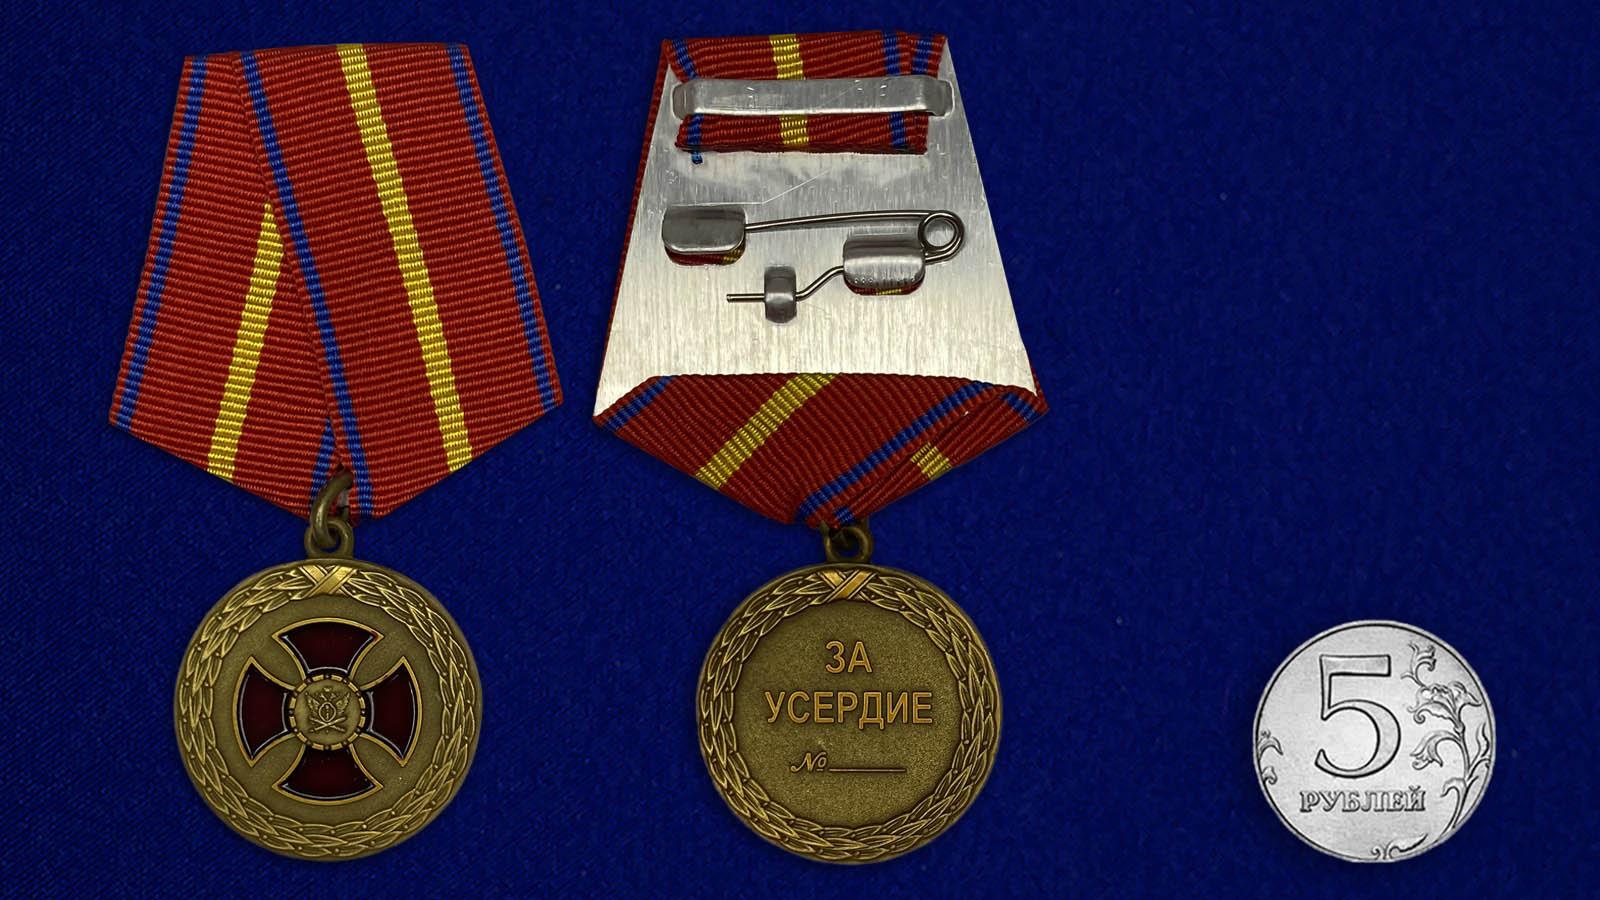 Медаль Министерства Юстиции За усердие 1 степени - сравнительный вид